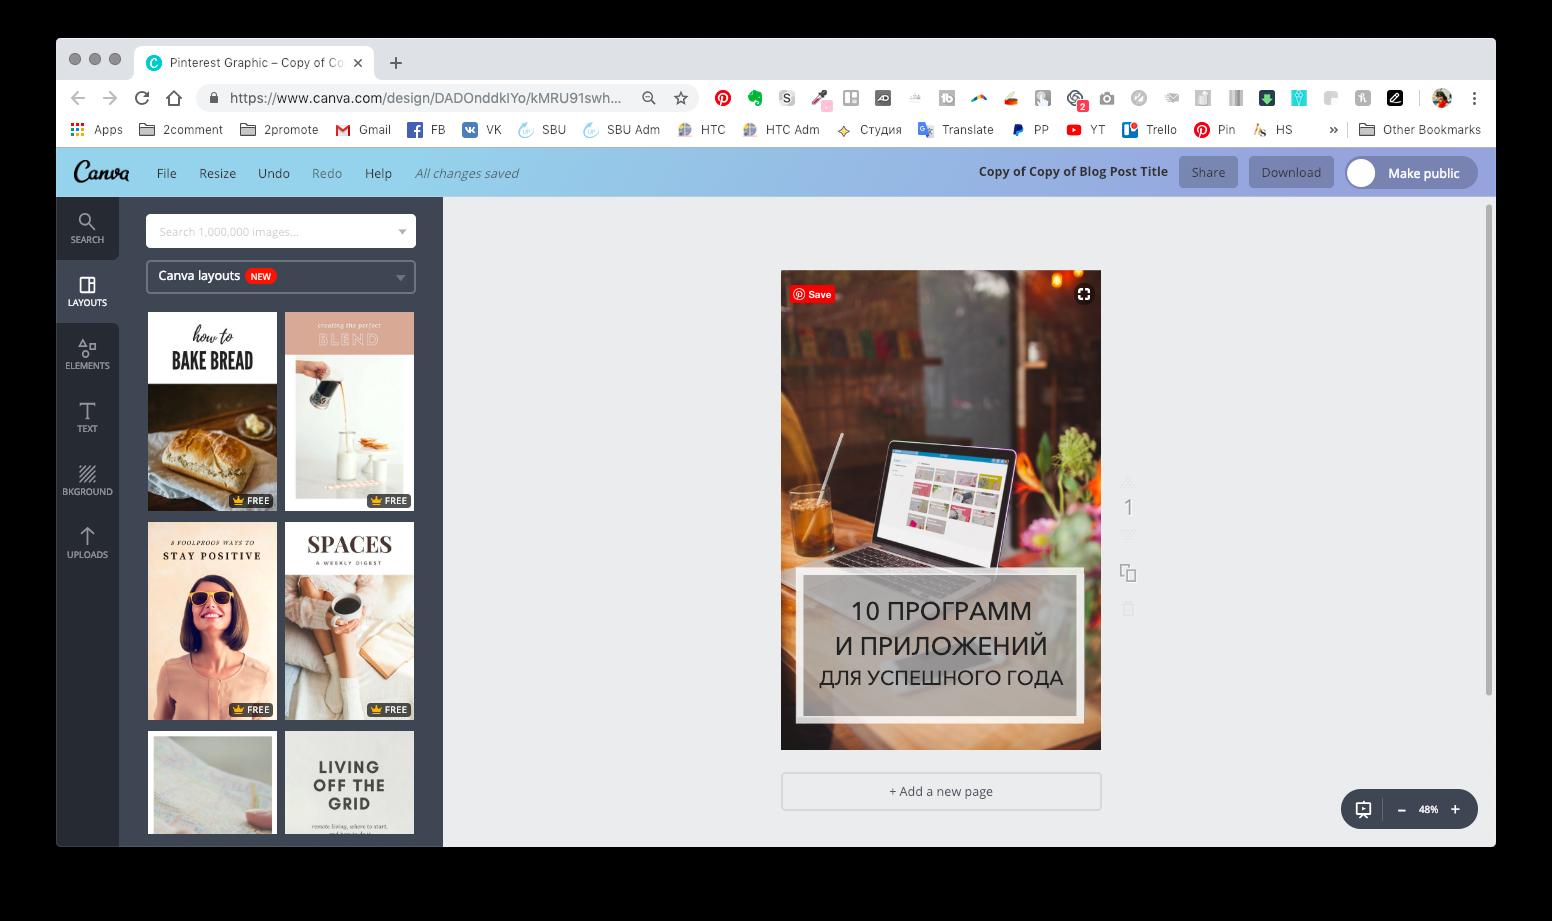 Создание вертикальной картинки для Pinterest с помощью сервиса Canva   Блог Варвары Лялягиной Start Blog Up